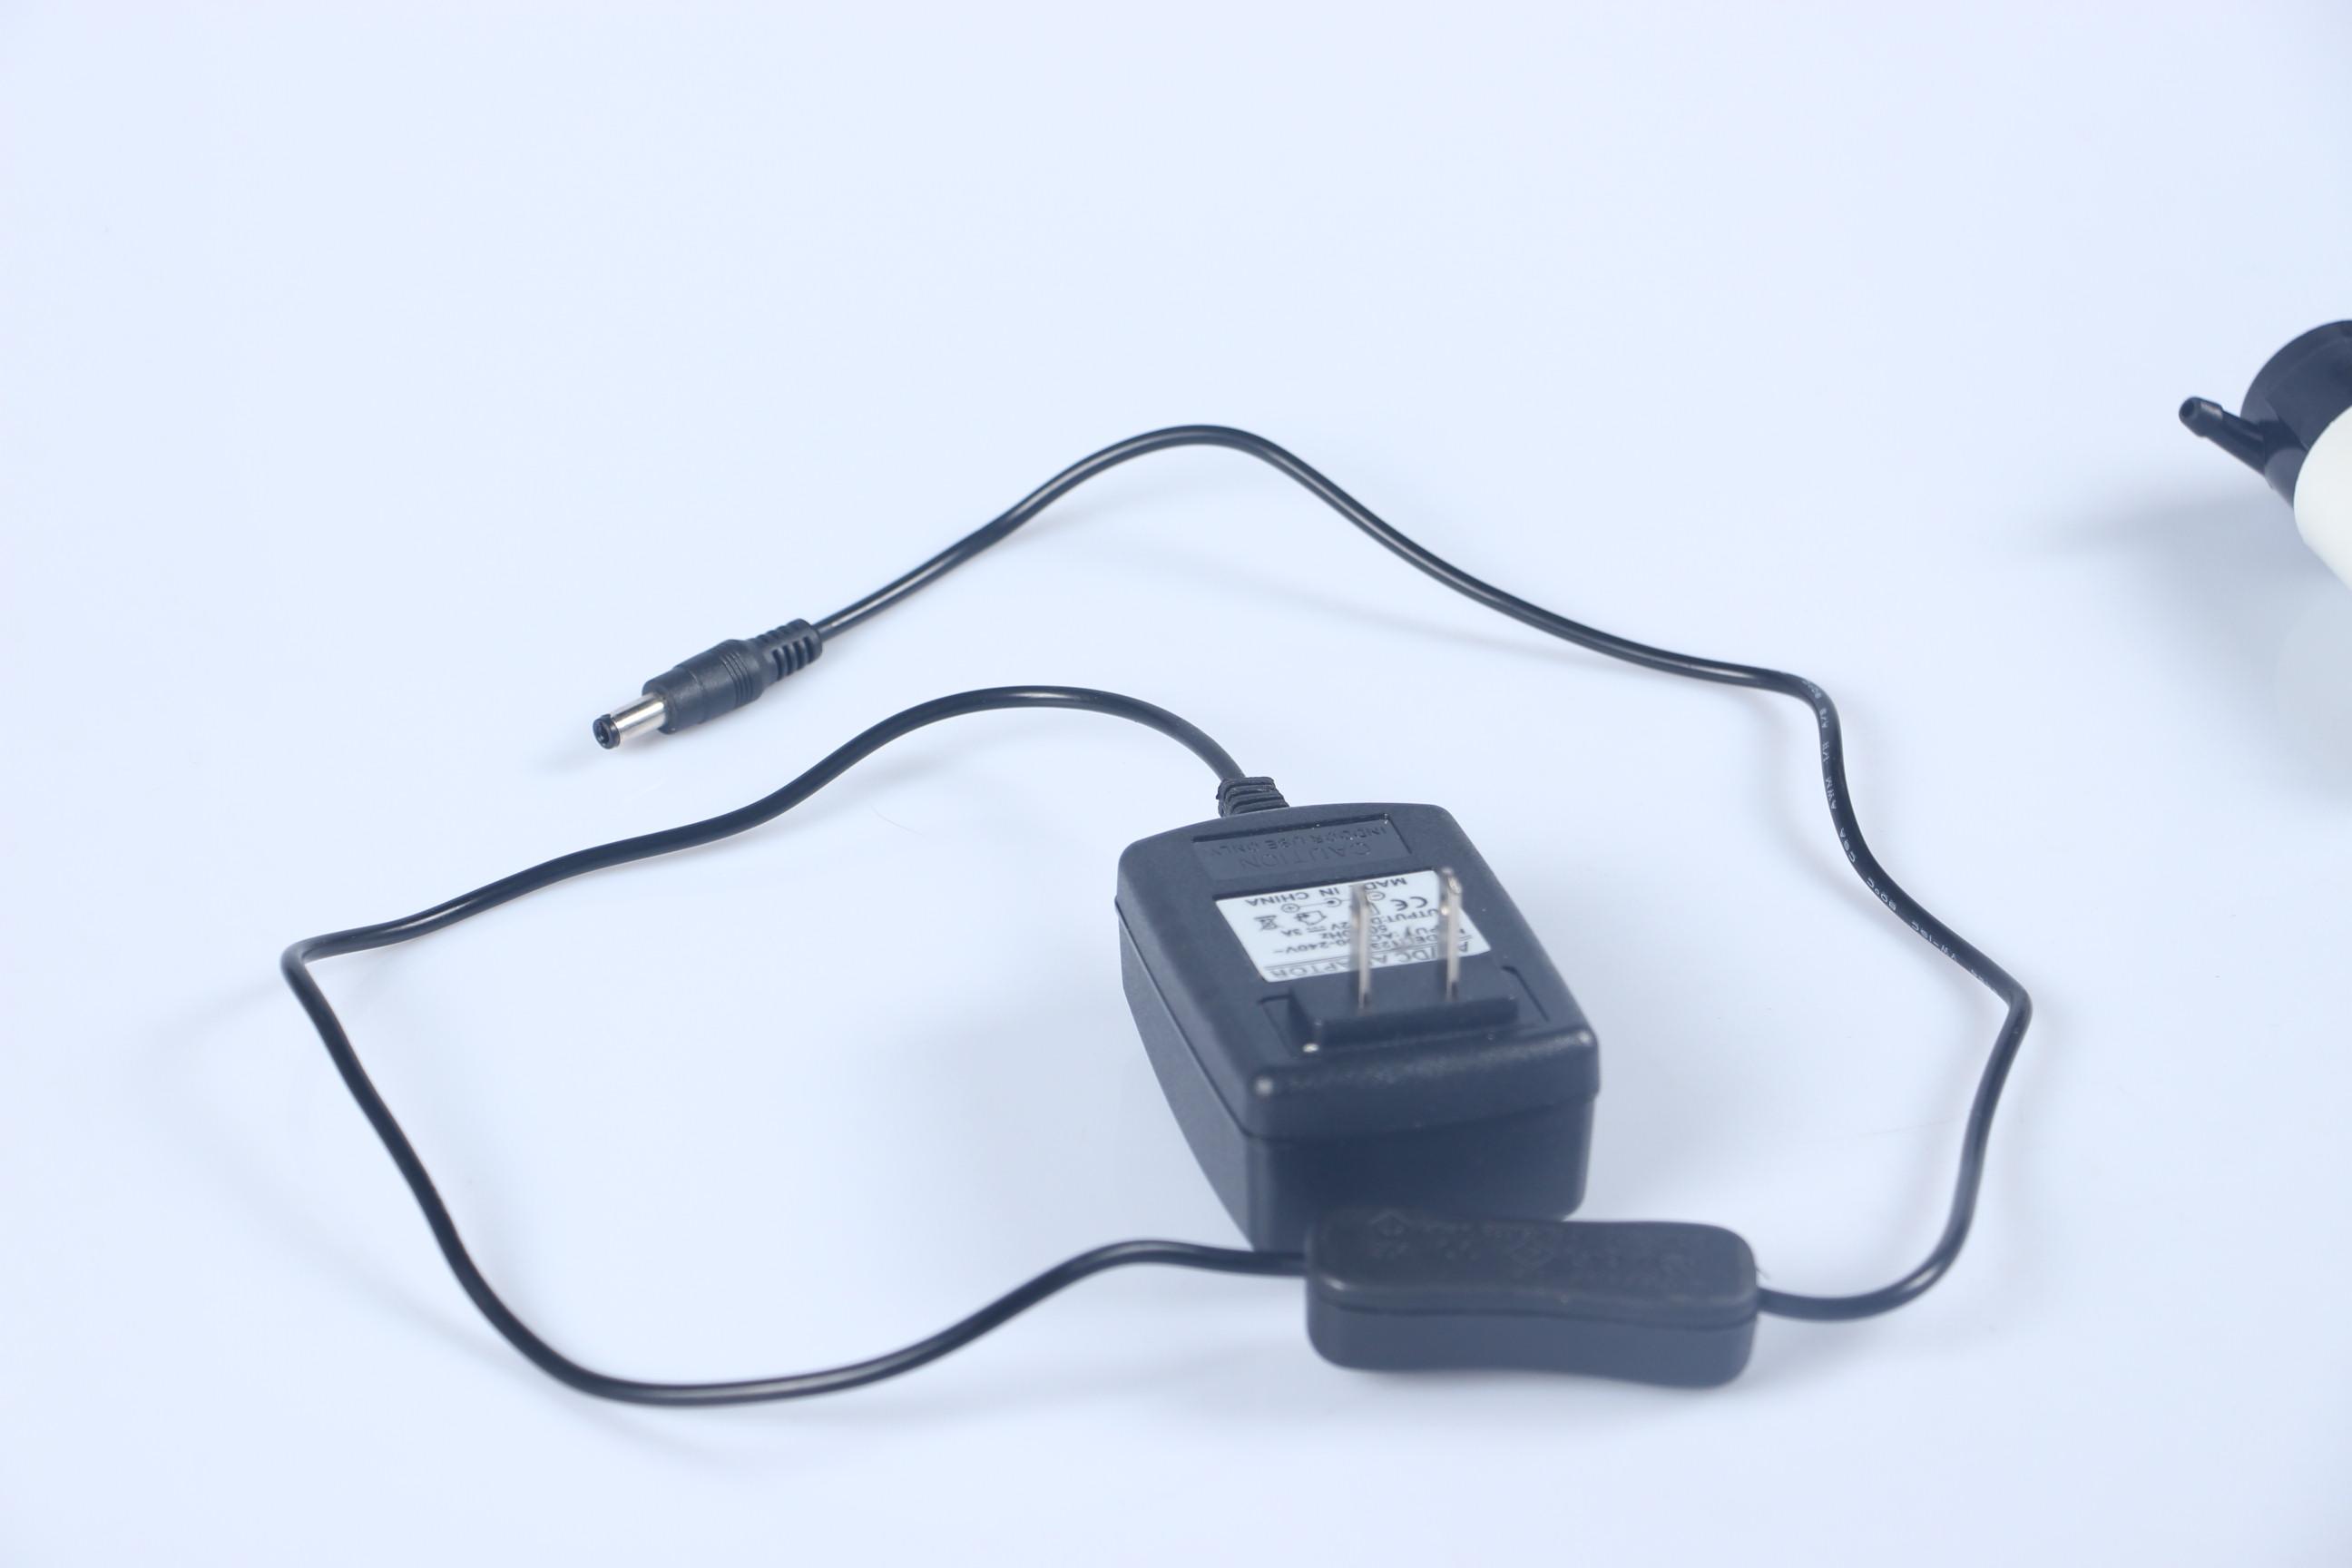 12v DC mini durch die automatische Regelung tauchpumpen - rosa - Maschine das Loch offen - für die wasserpumpe